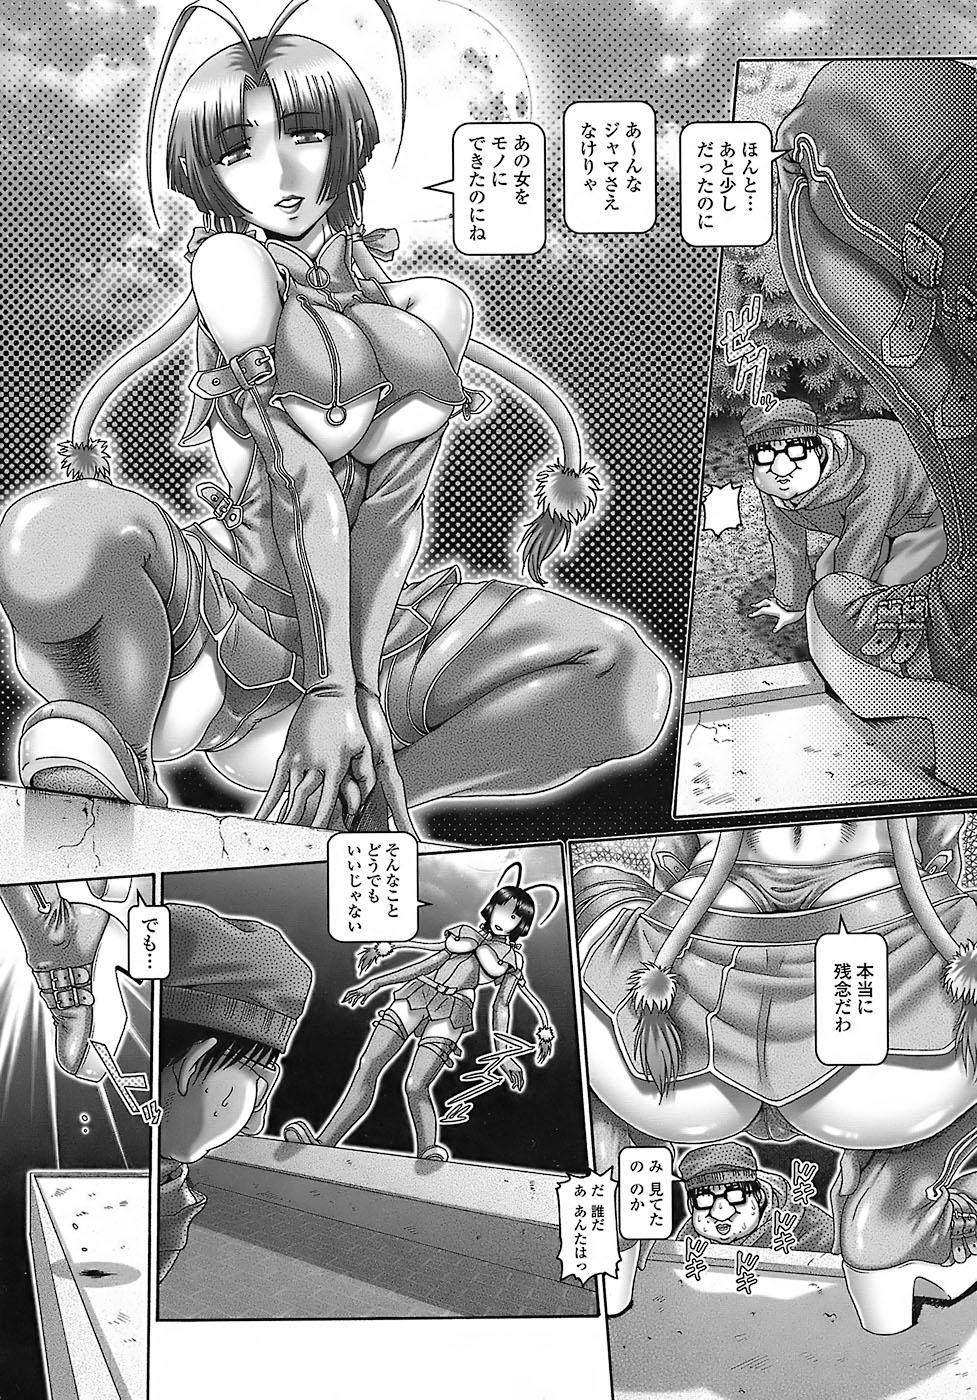 Tenshi no Shizuku 19